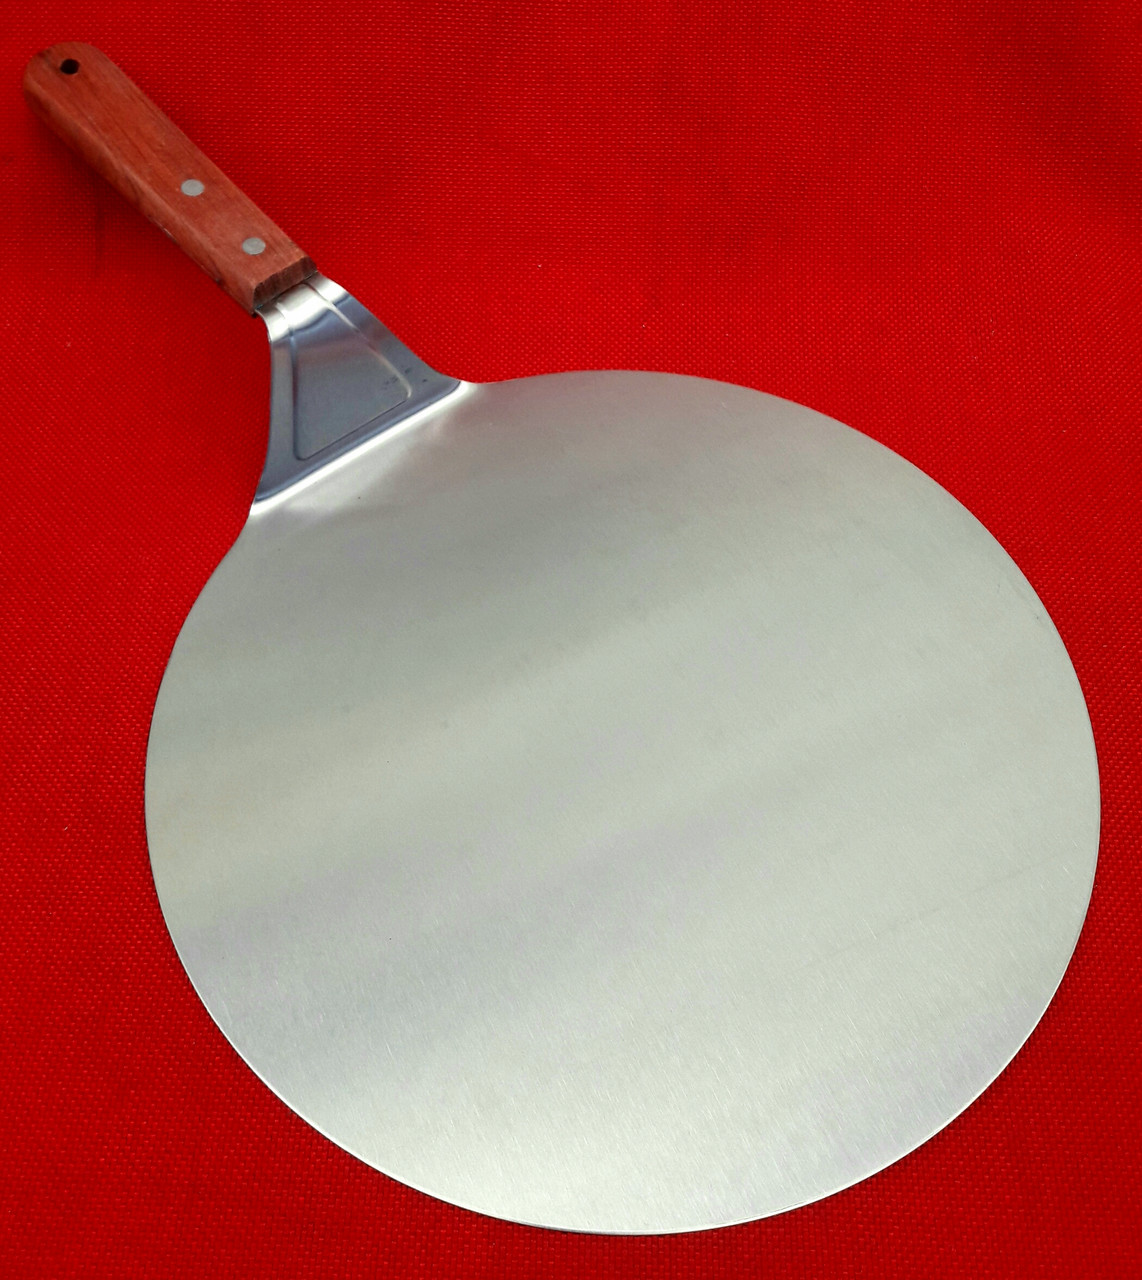 Профессиональная лопатка для пиццы большая